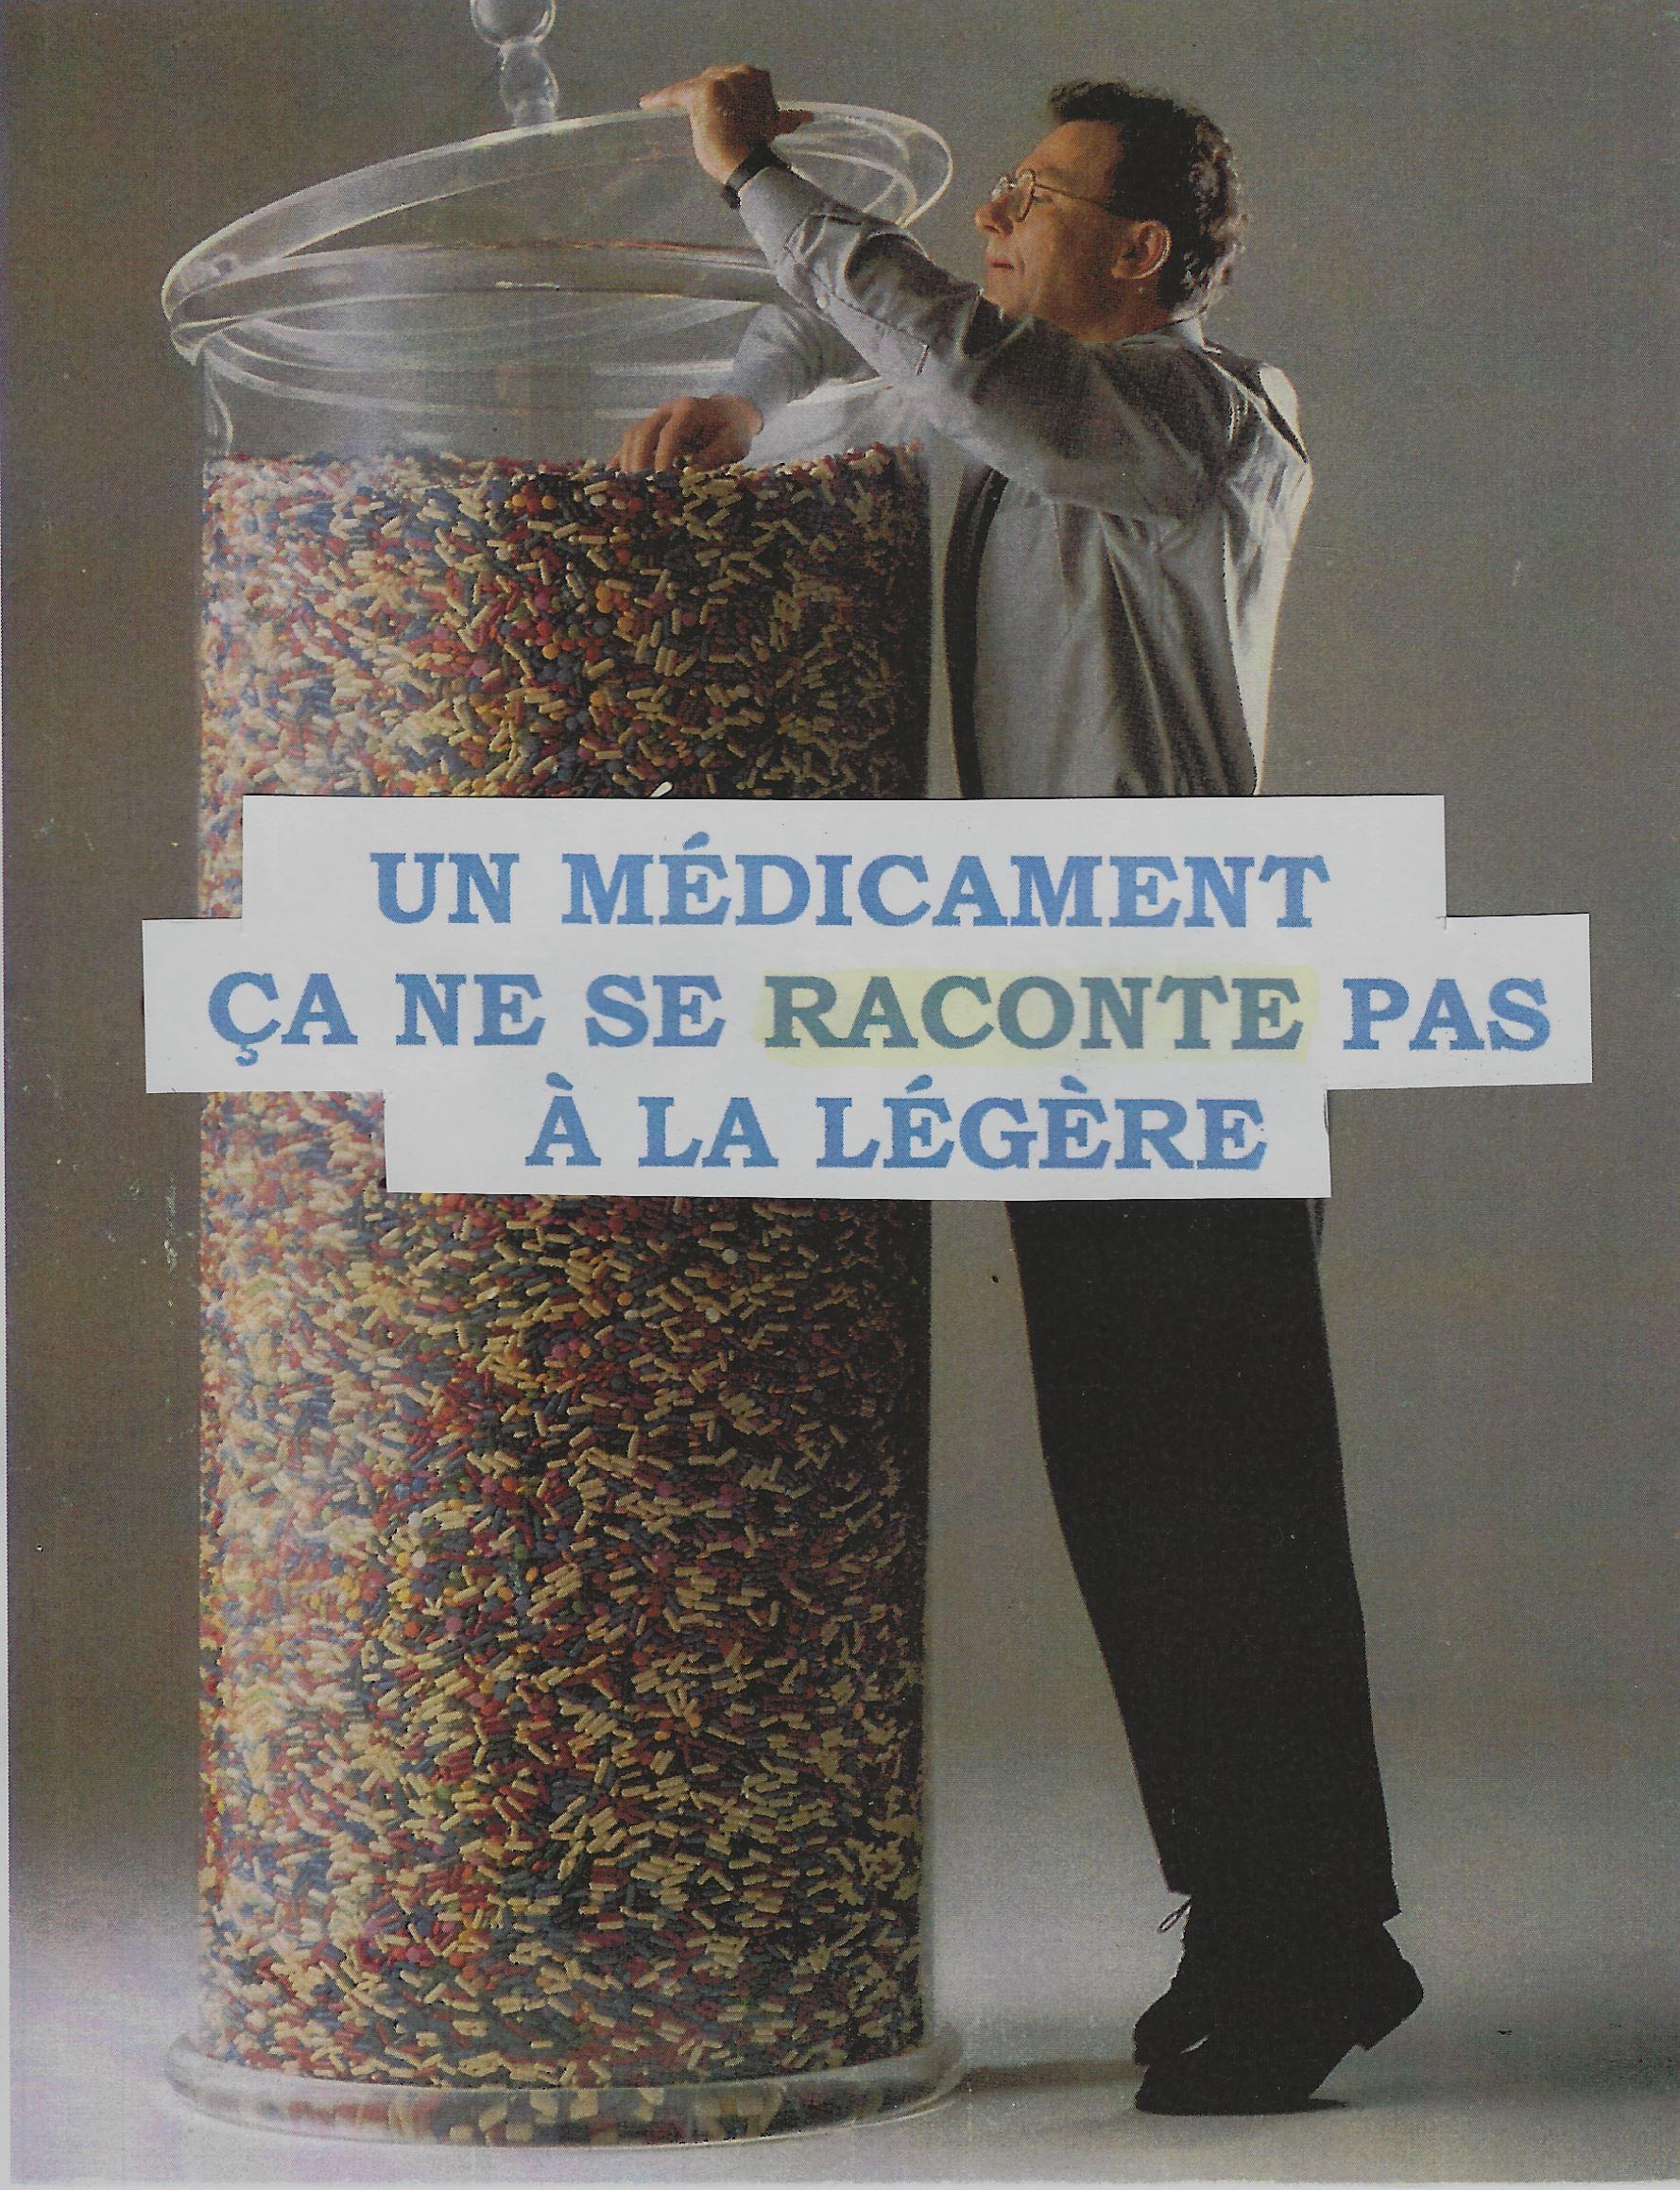 UN MEDICAMENT